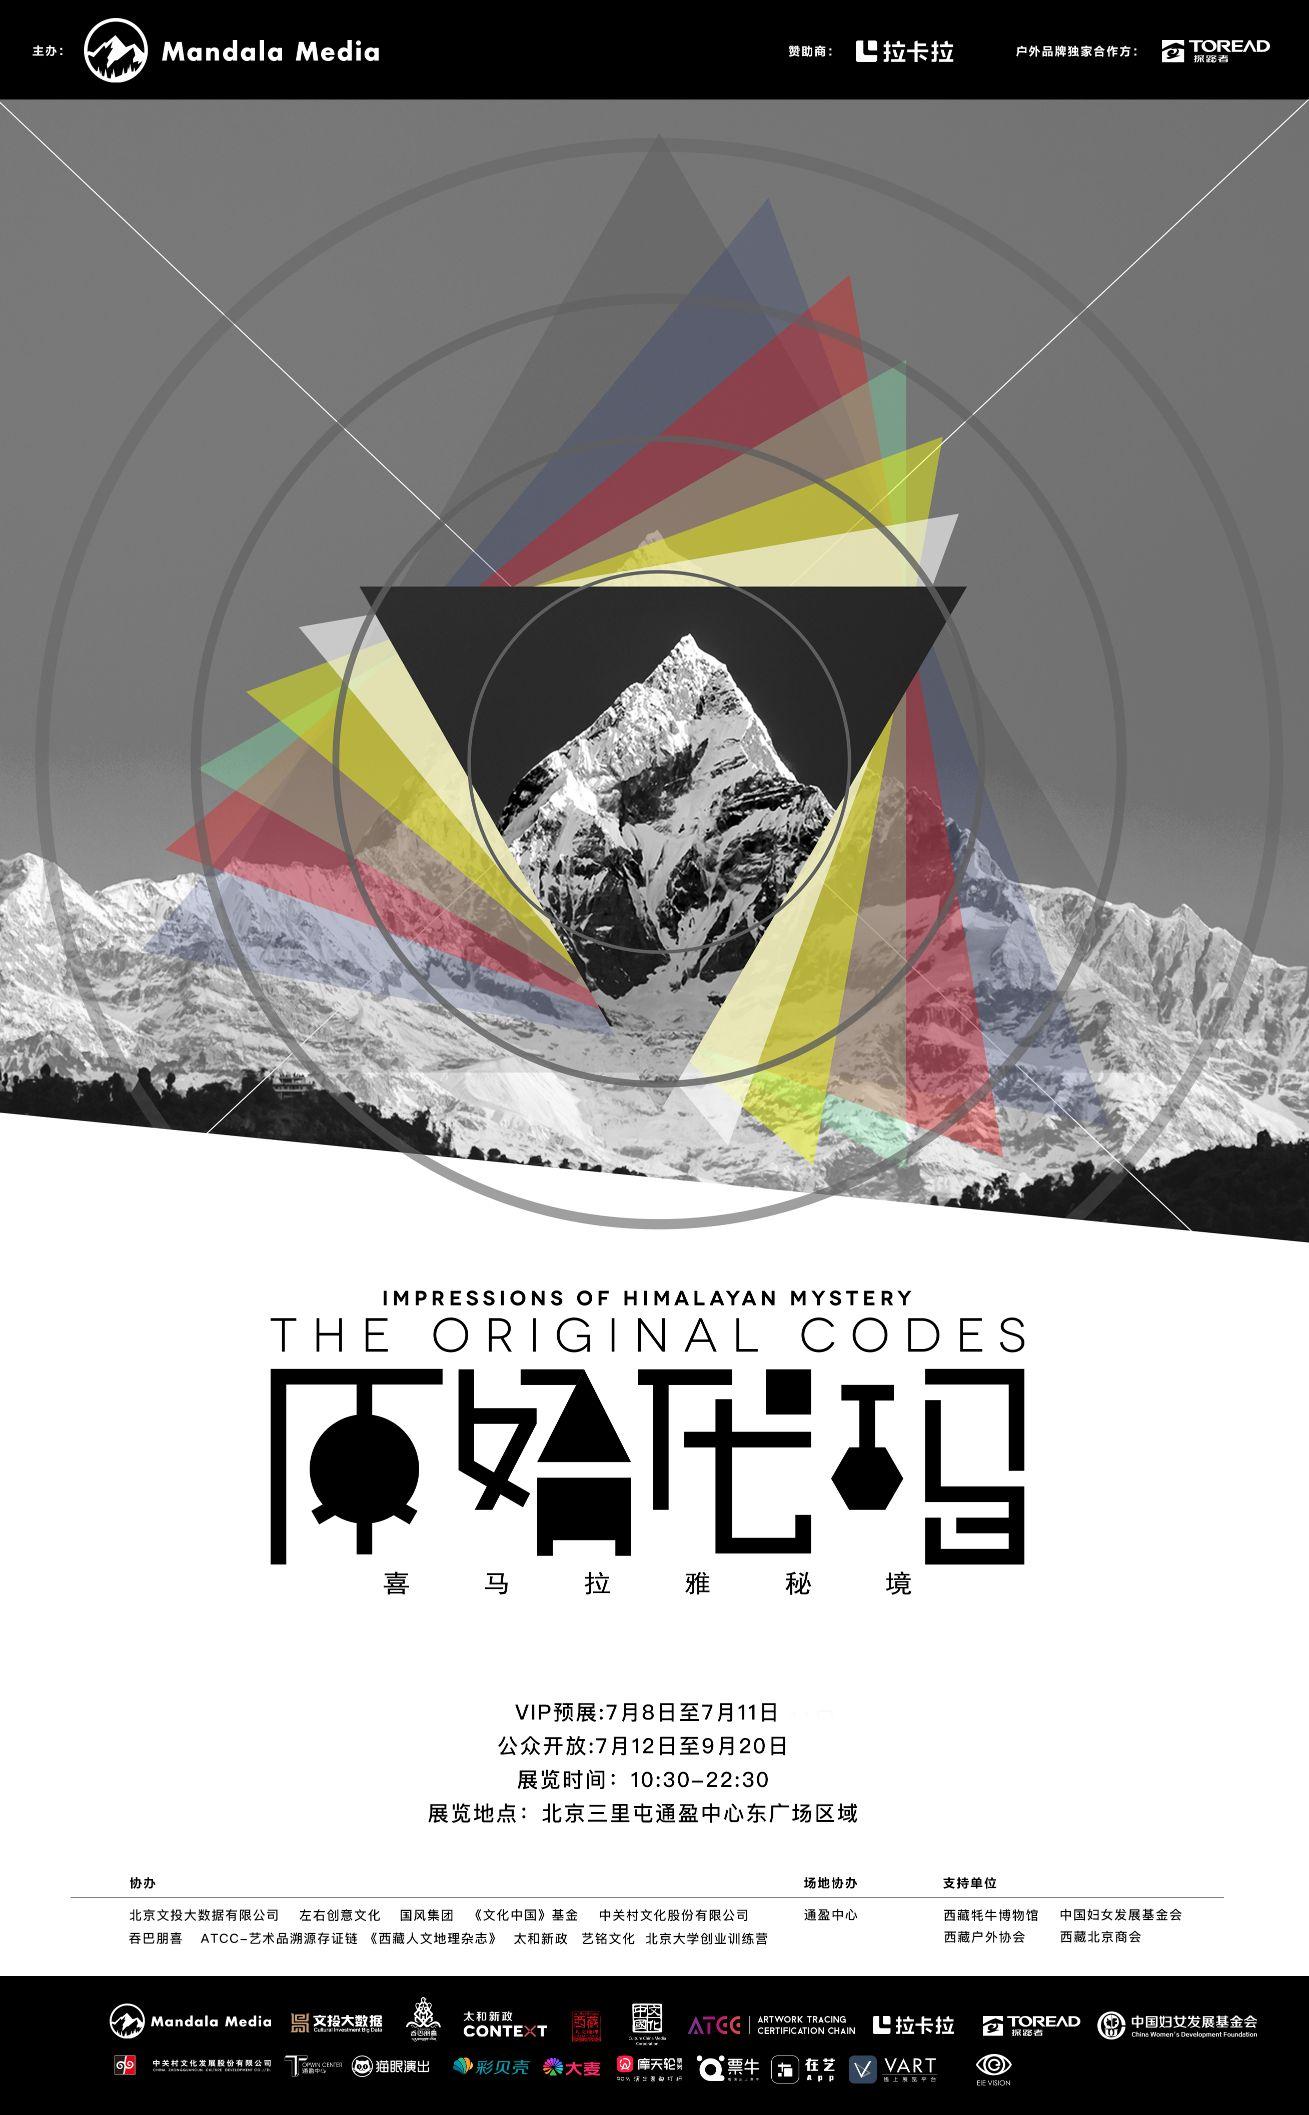 """""""原始代码:喜马拉雅秘境""""以数字技术展现亚洲奇境"""